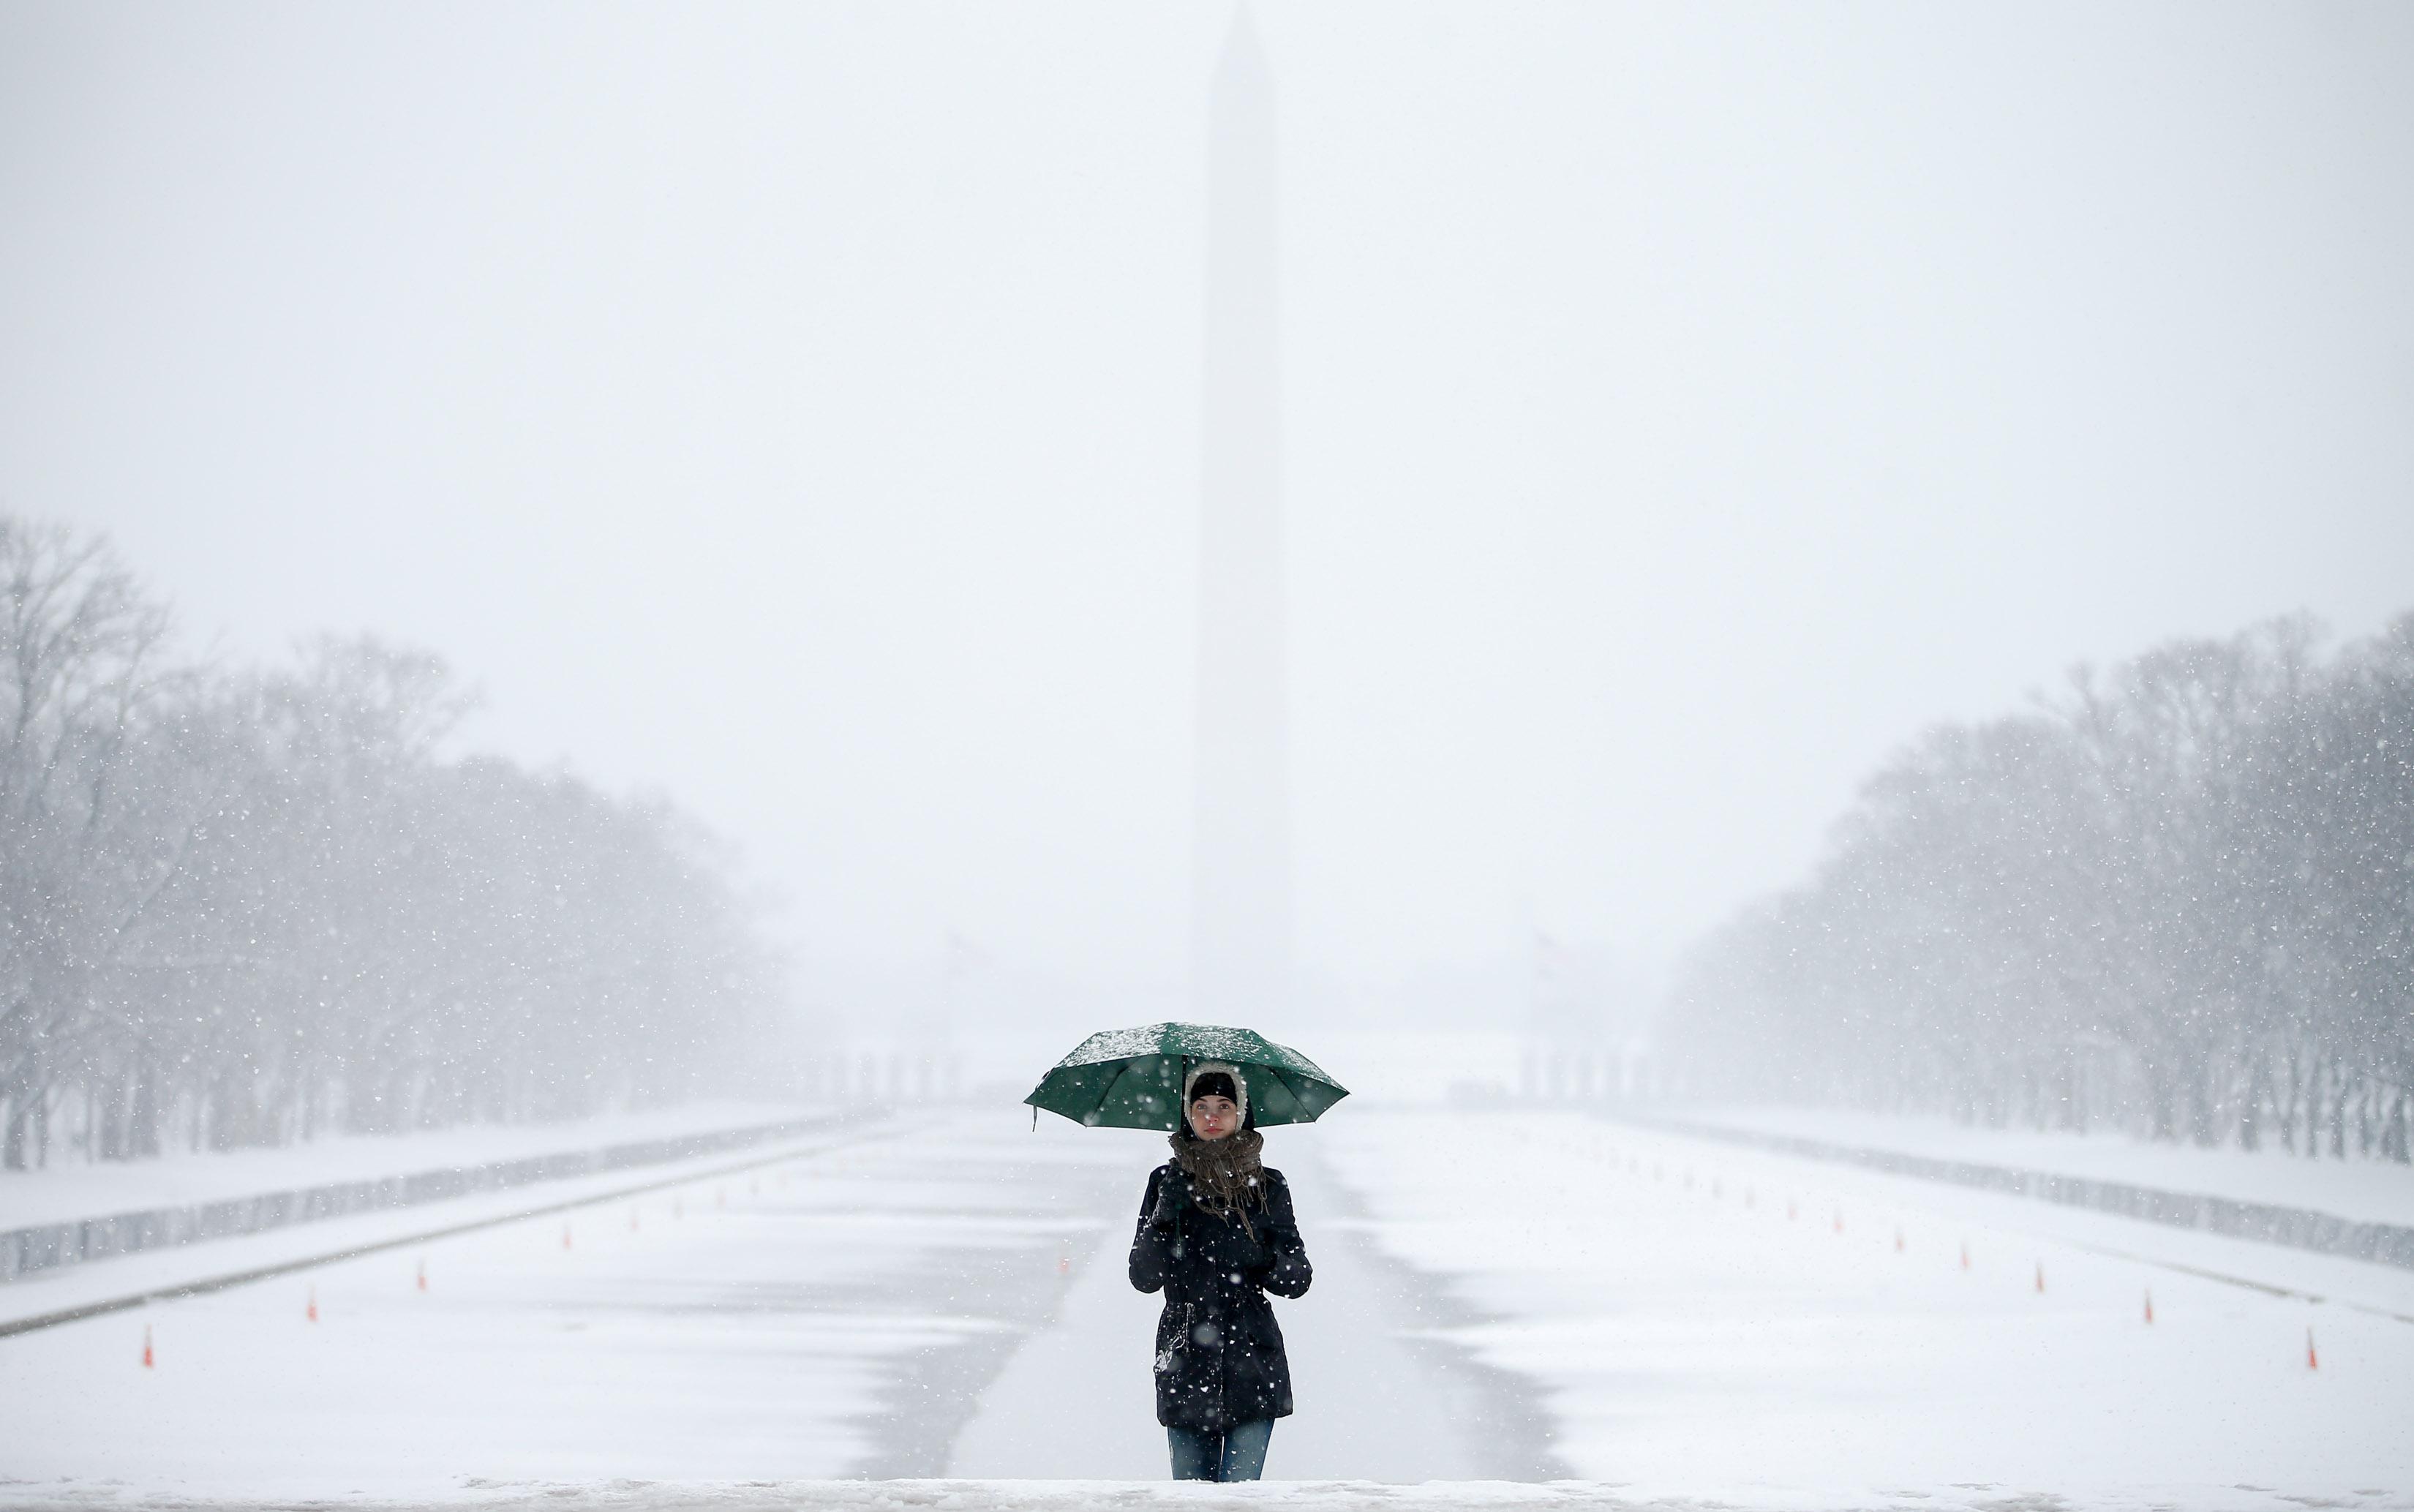 O monumento de Washington e o espelho d'água são vistos atrás de Claudia Marusanici, turista da Romênia, que caminha em direção ao Memorial do presidente americano Lincoln na capital americana